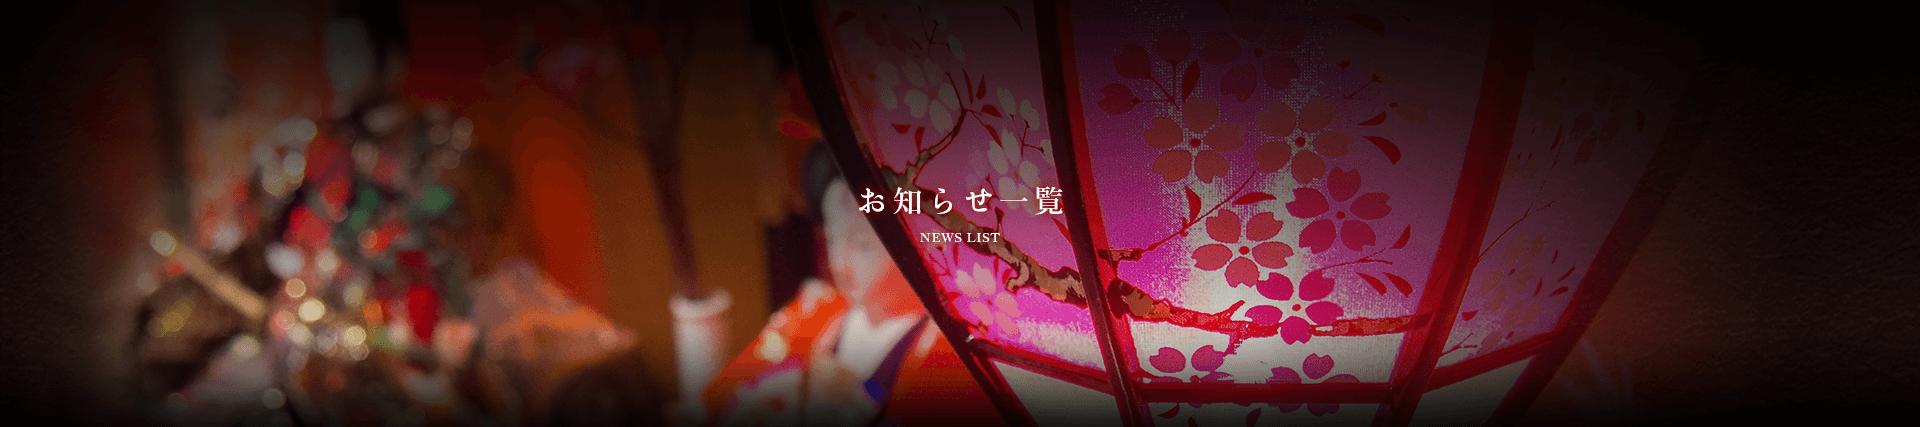 山形県天童市にある人形の柴崎のお知らせ一覧を見る